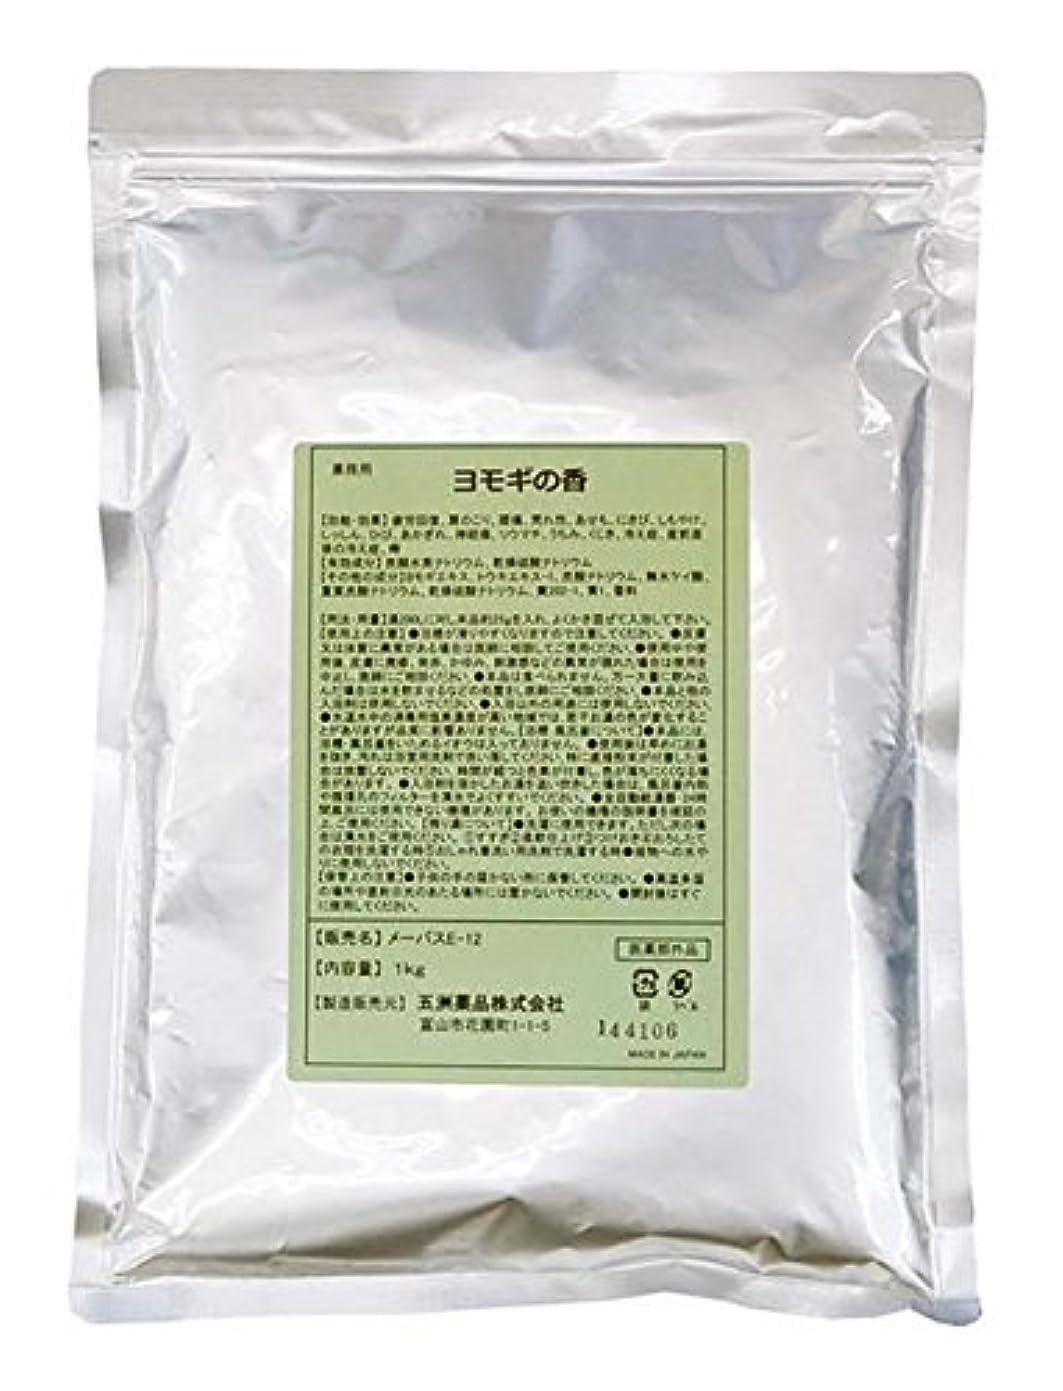 広々シリーズやがて薬用入浴剤 業務用 ヨモギの香 1kg [医薬部外品]